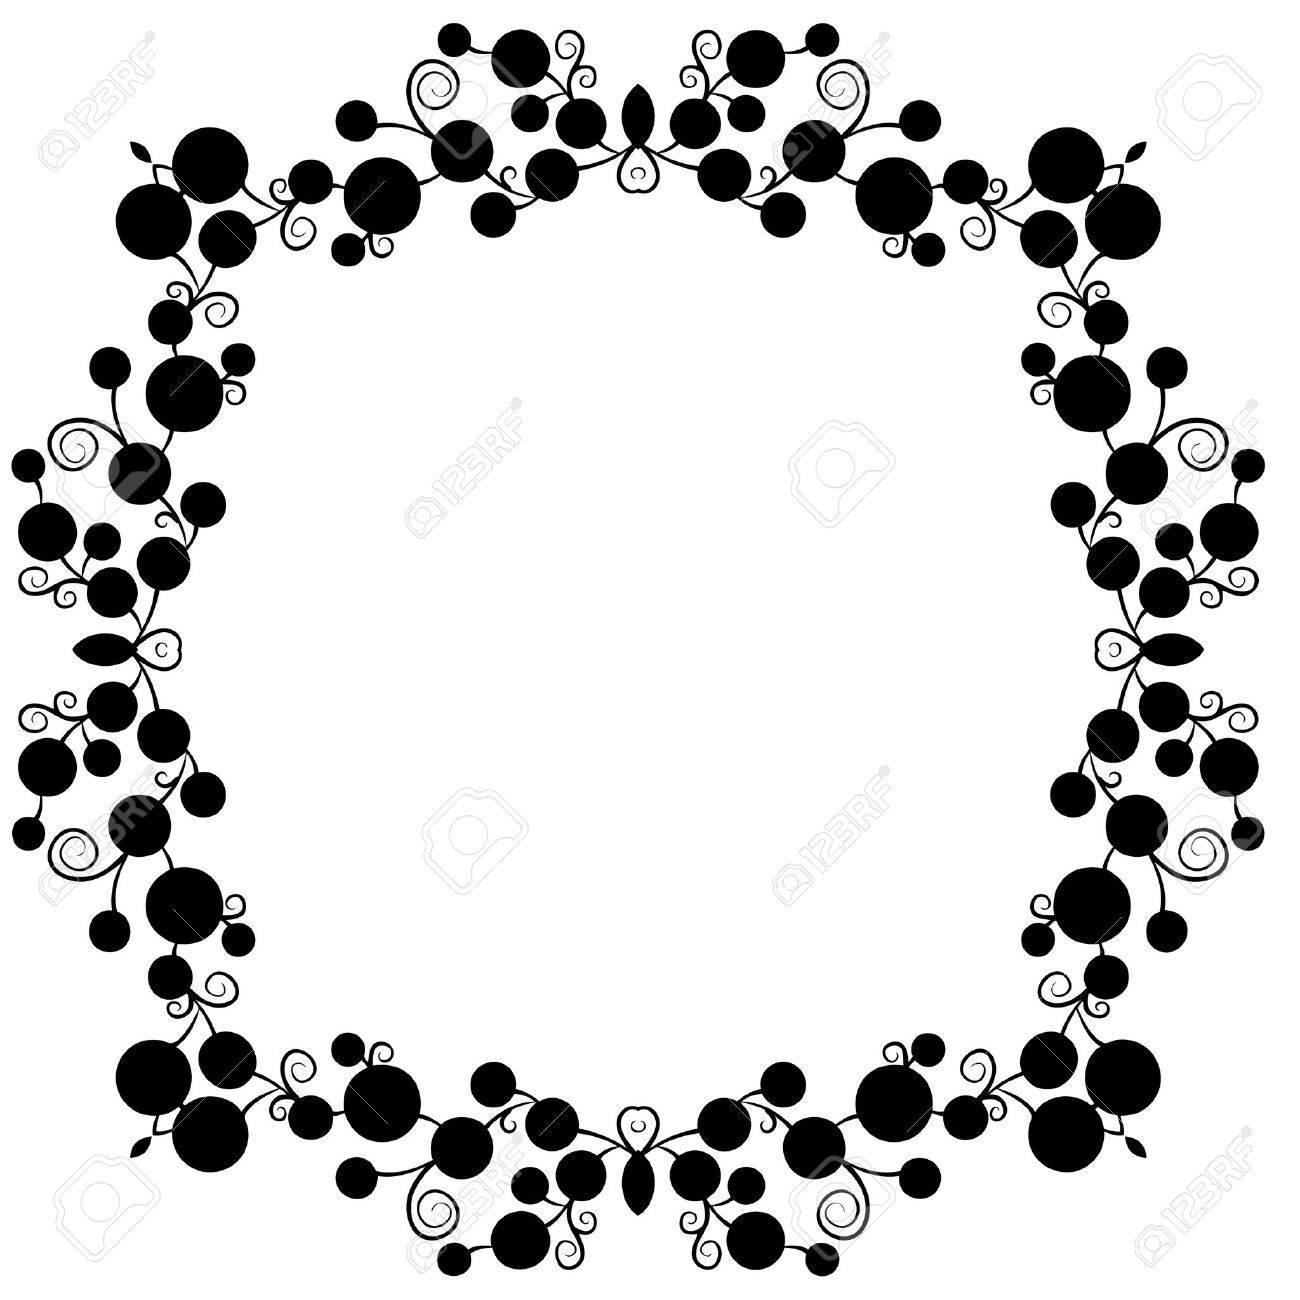 Polka Dot Vector Frame Royalty Free Cliparts, Vectors, And Stock ...